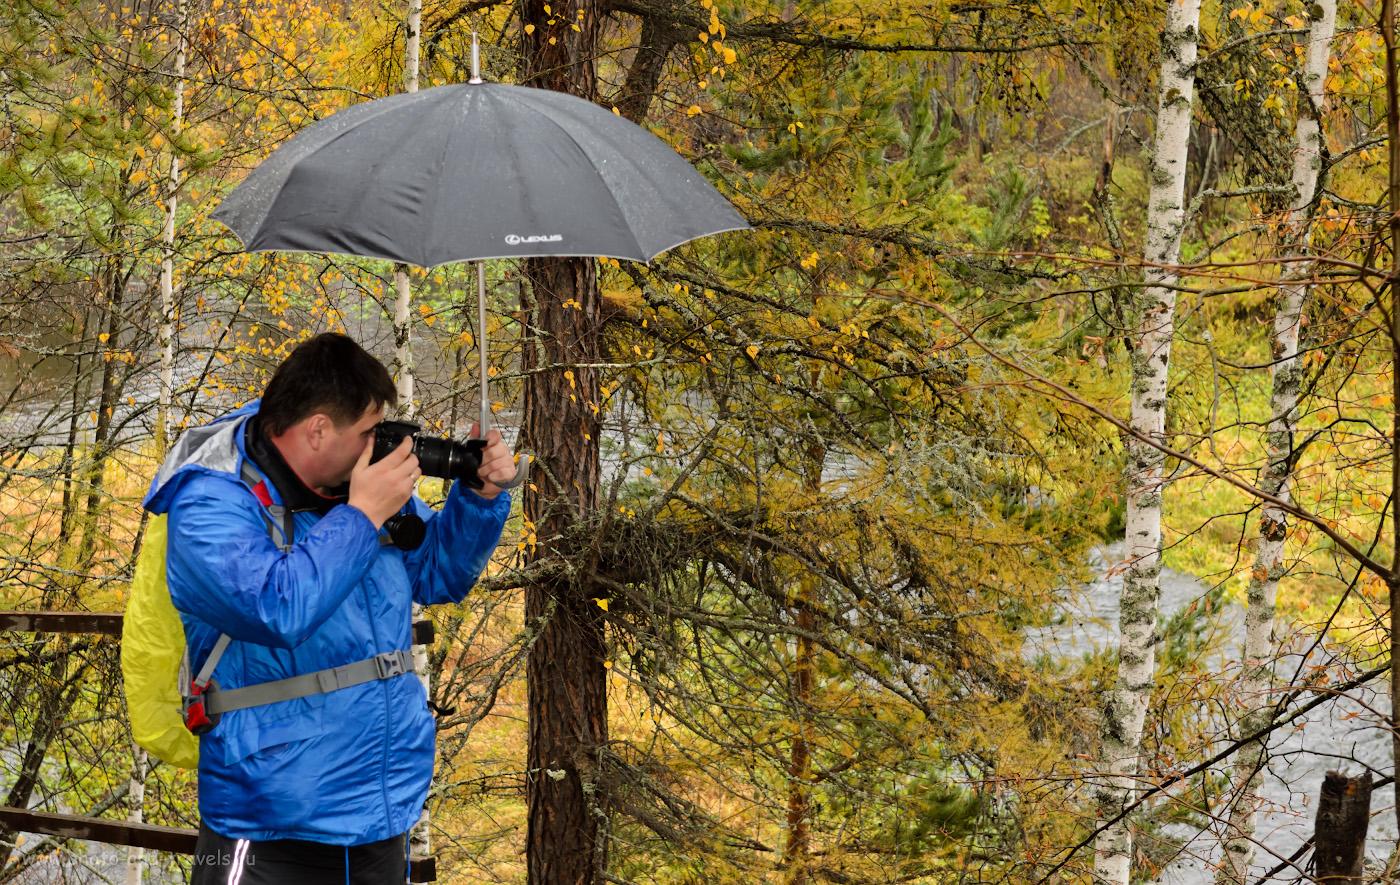 """12. Если вы собрались в поход в парк """"Оленьи ручьи"""" осенью, подберите подходящую погоде одежду и обувь. И зонт не помешает. 1/80, 5.6, 250, -1.0, 45."""